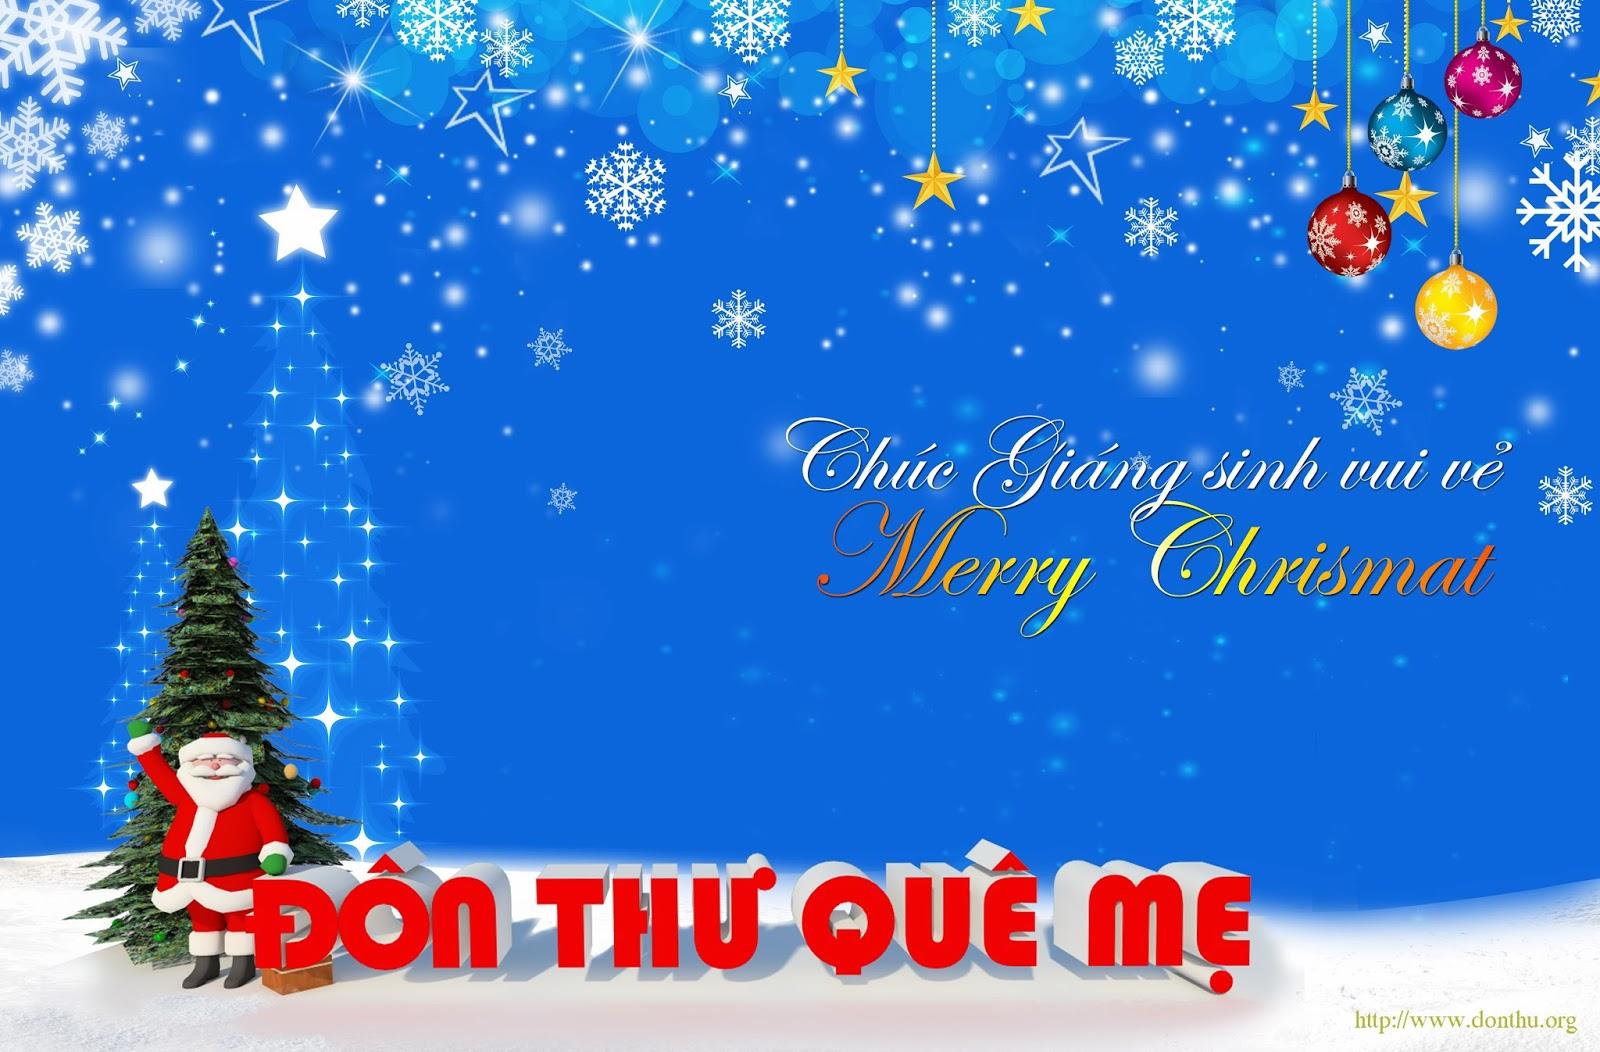 Chuc Mung Giang Sinh Chúc Mừng Giáng Sinh Đón